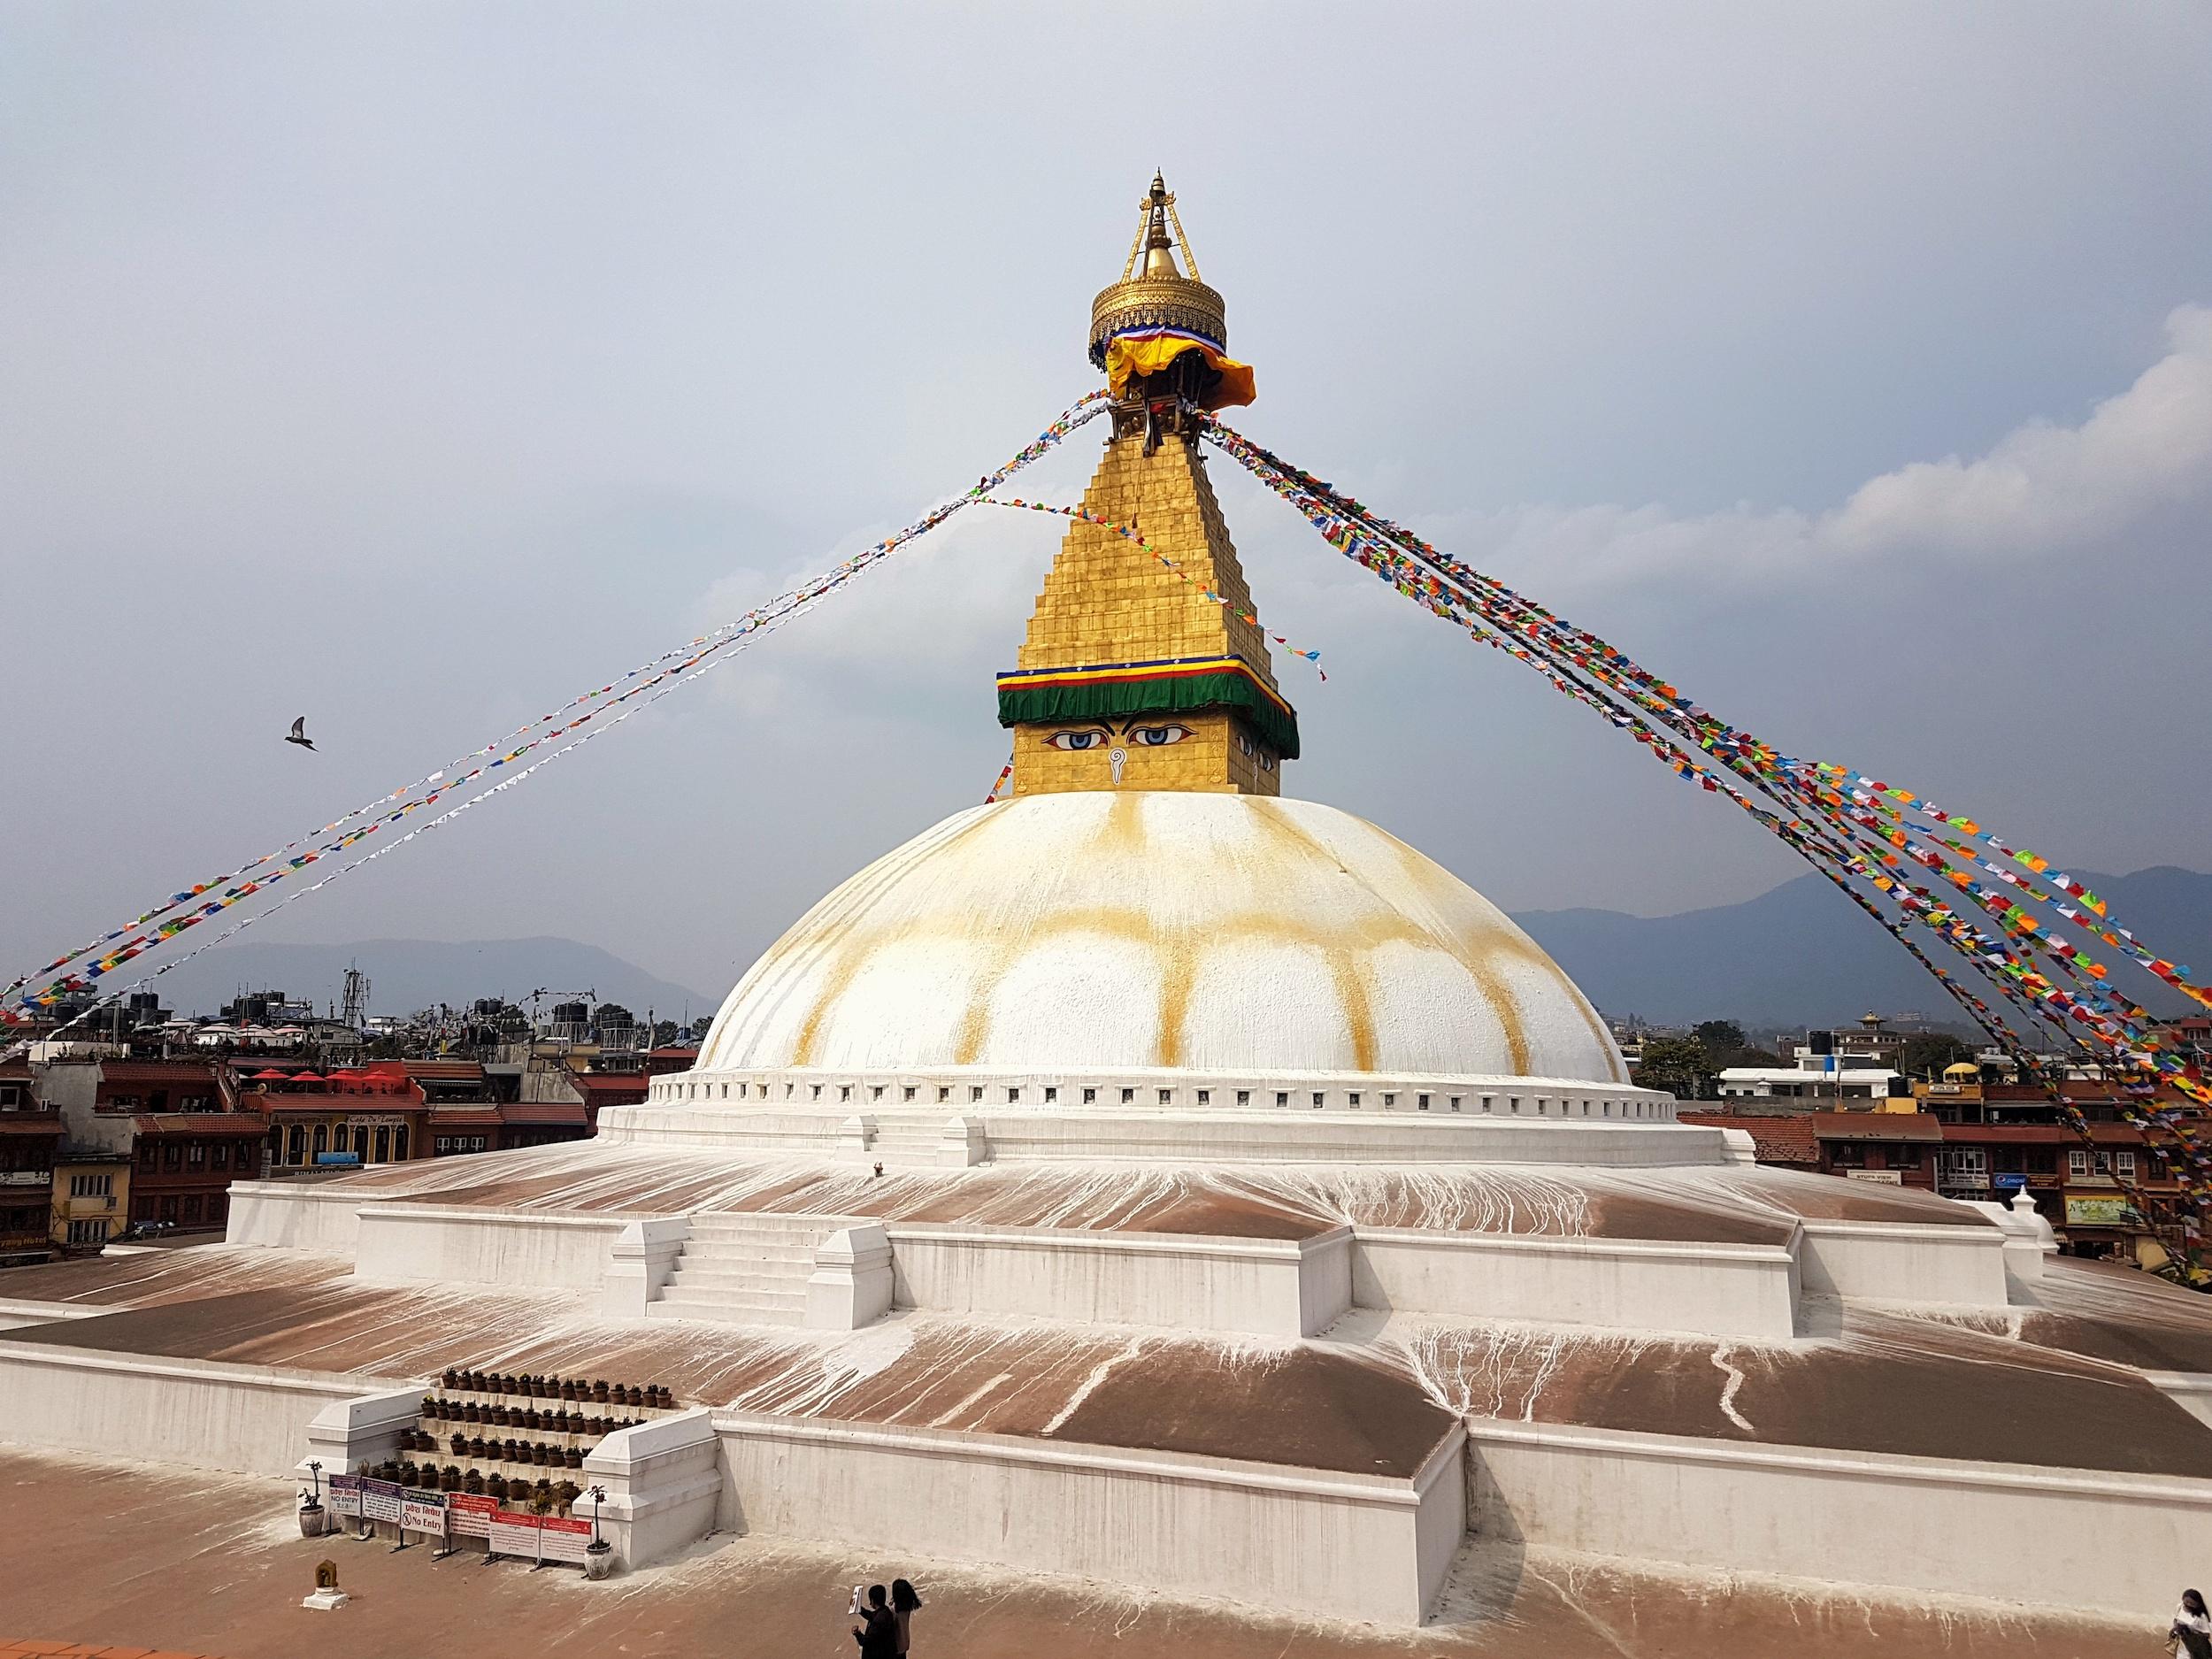 Boudh stupa